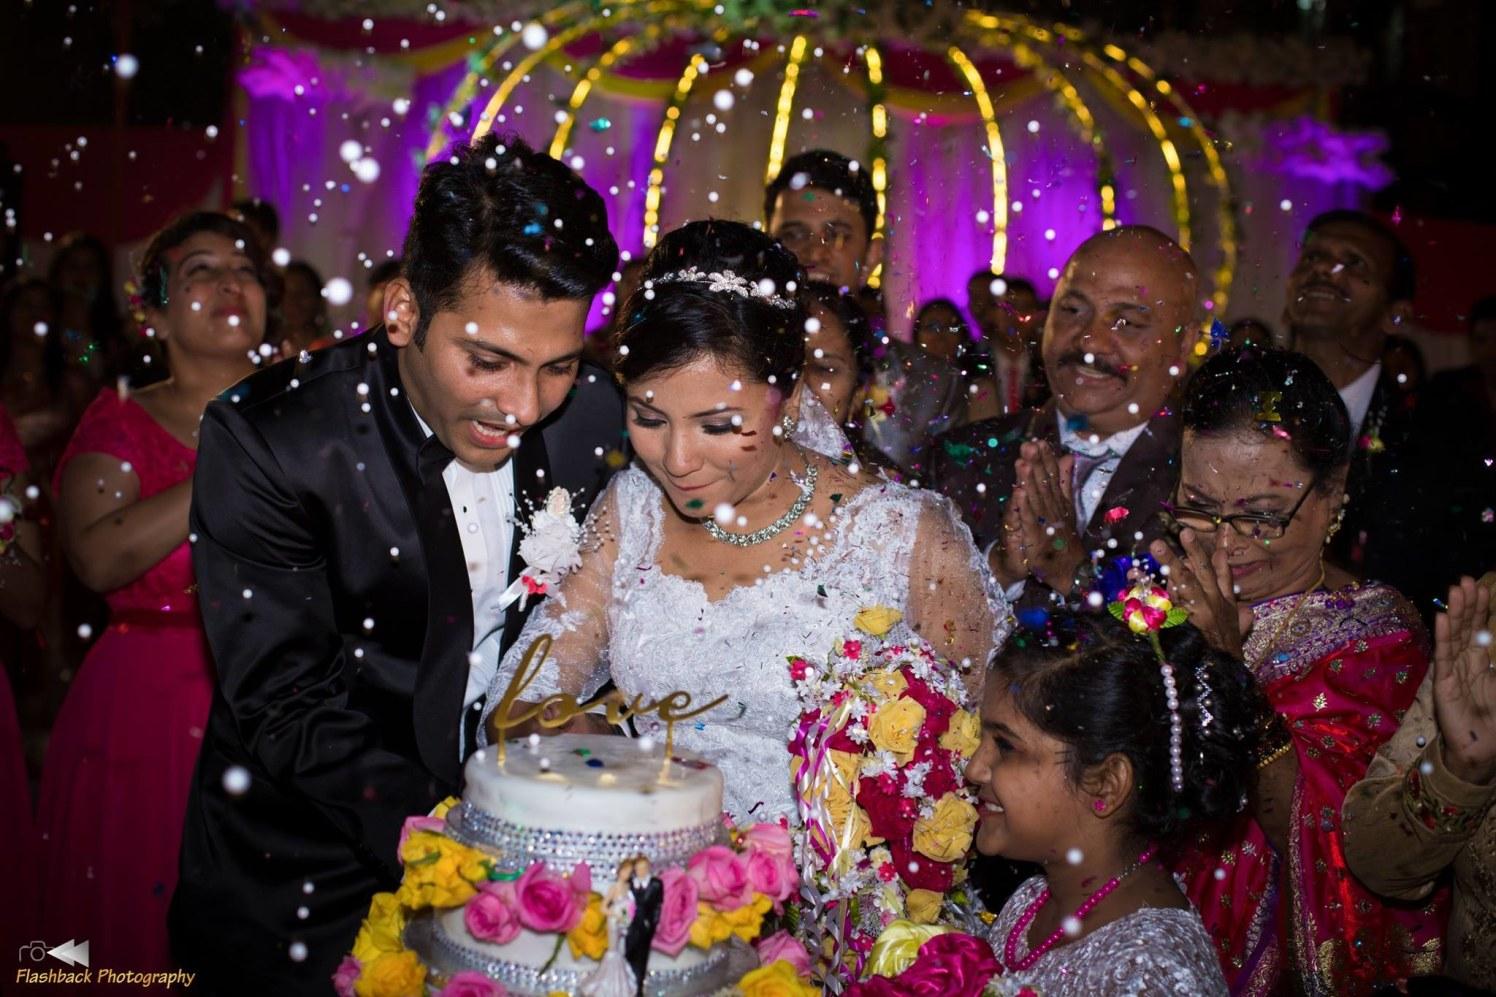 Christian Bride and Groom Cutting Their Wedding Cake by Lloyd Bangera Wedding-photography | Weddings Photos & Ideas